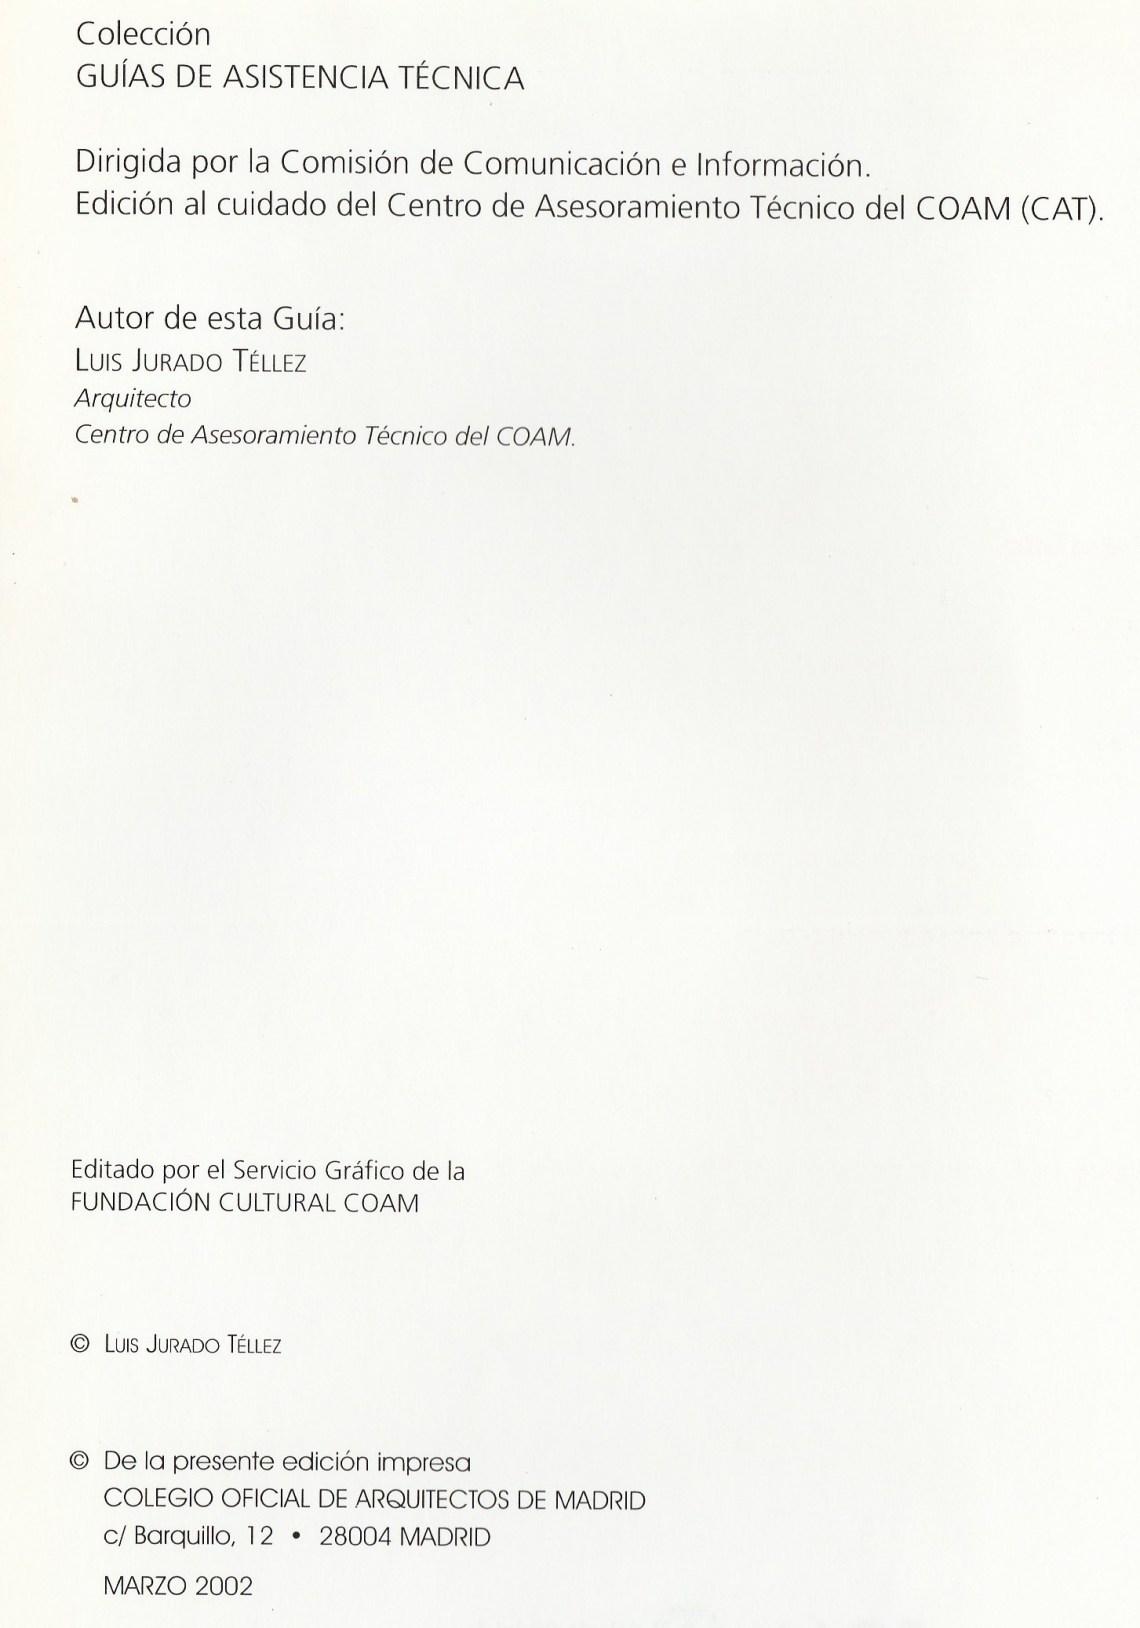 guia asistencia tecnica de peritaciones 2 escrita por Luis Jurado